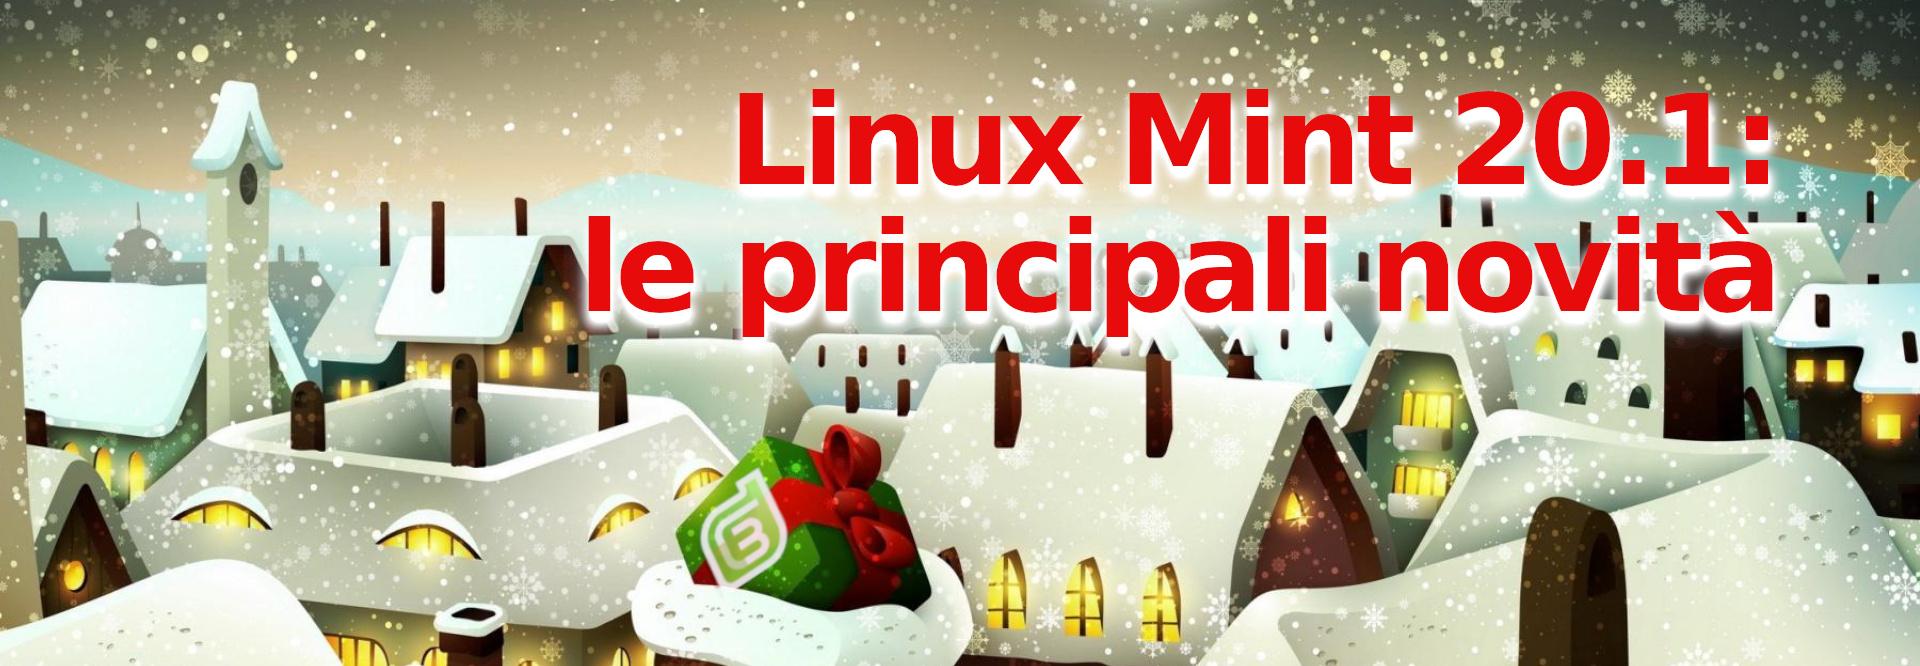 novità di linux mint 20.1 ulyssa